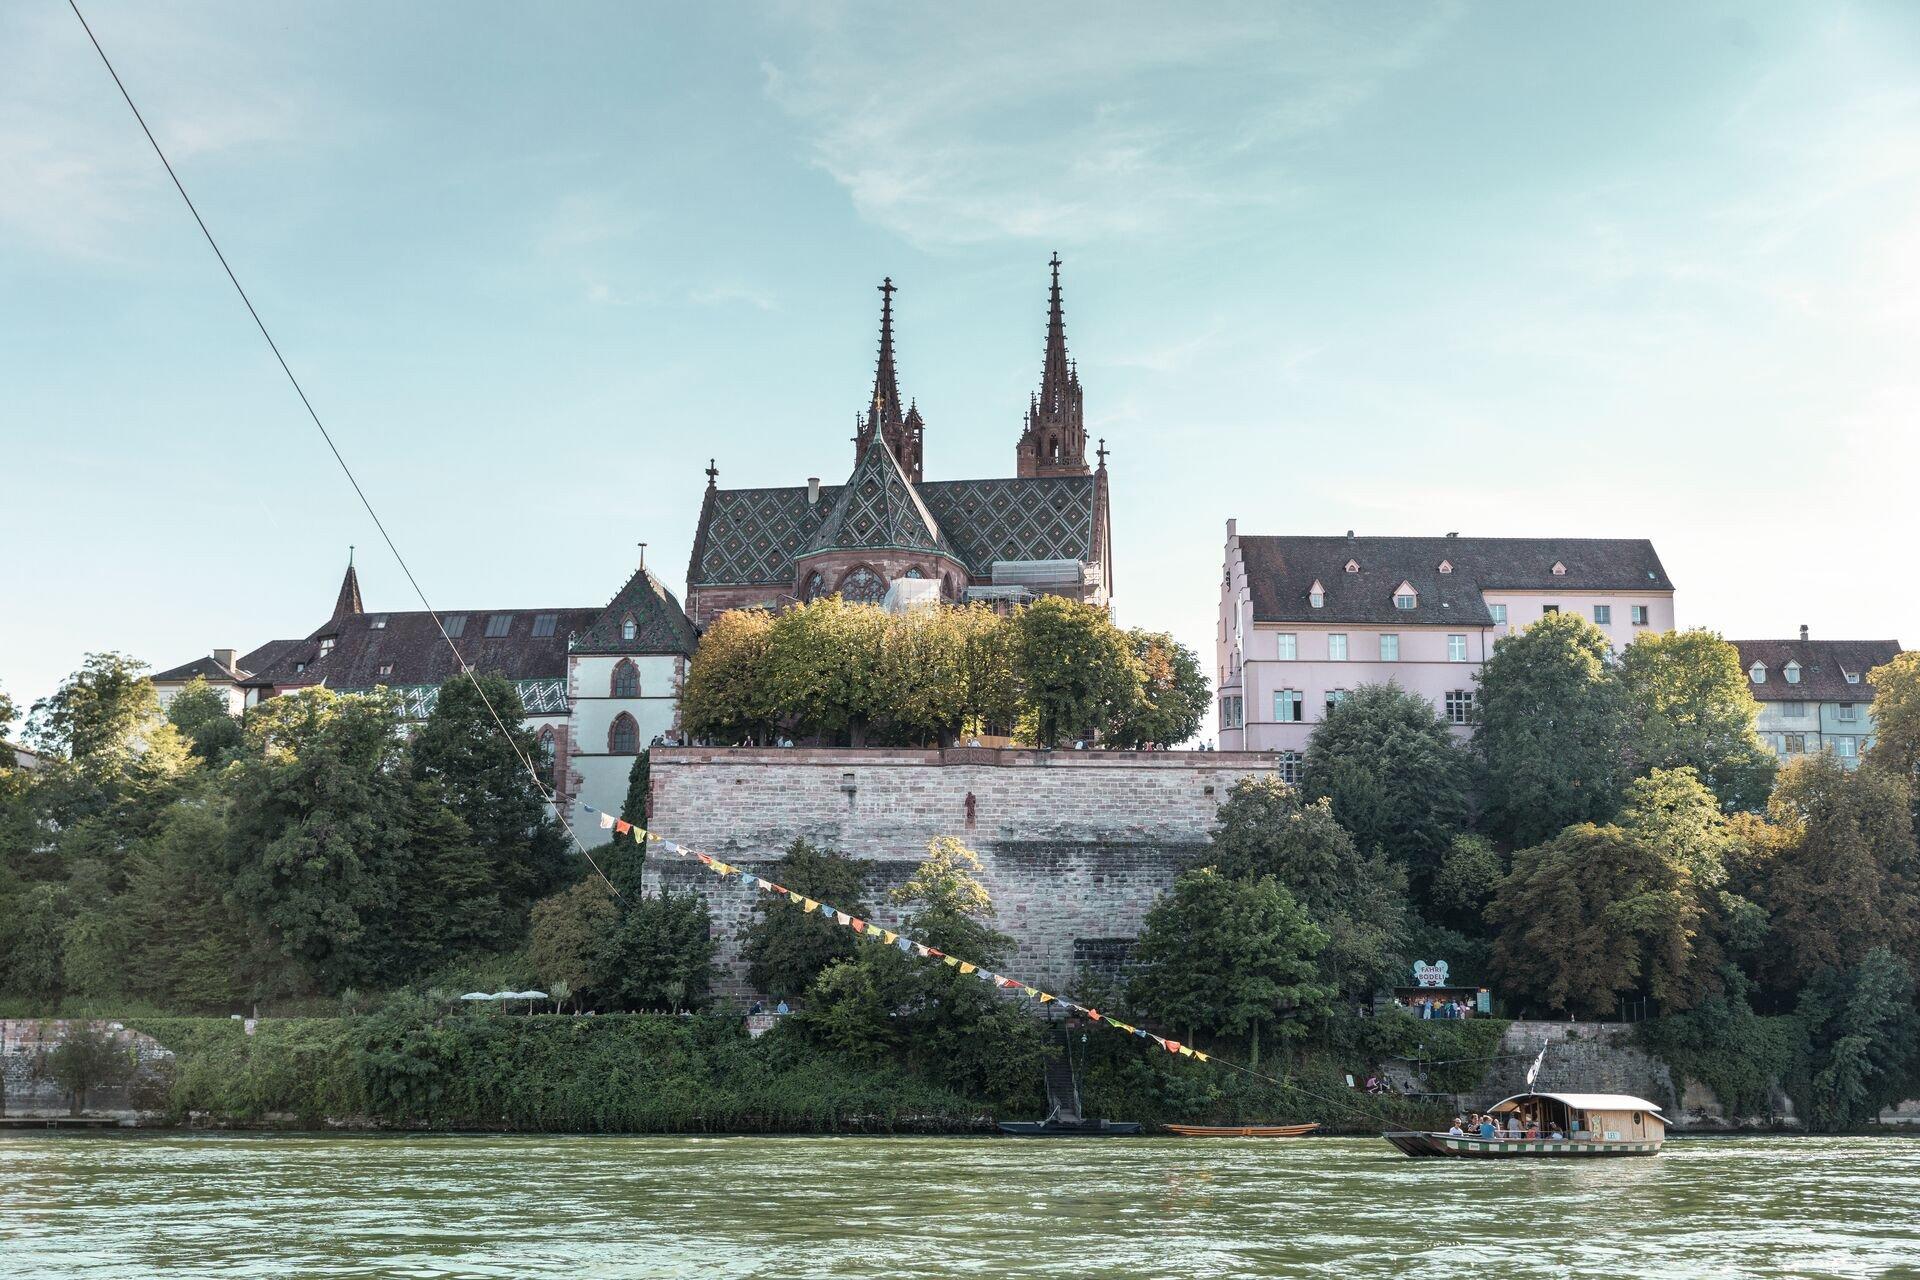 Blick auf das Basler Münster vom Rhein aus